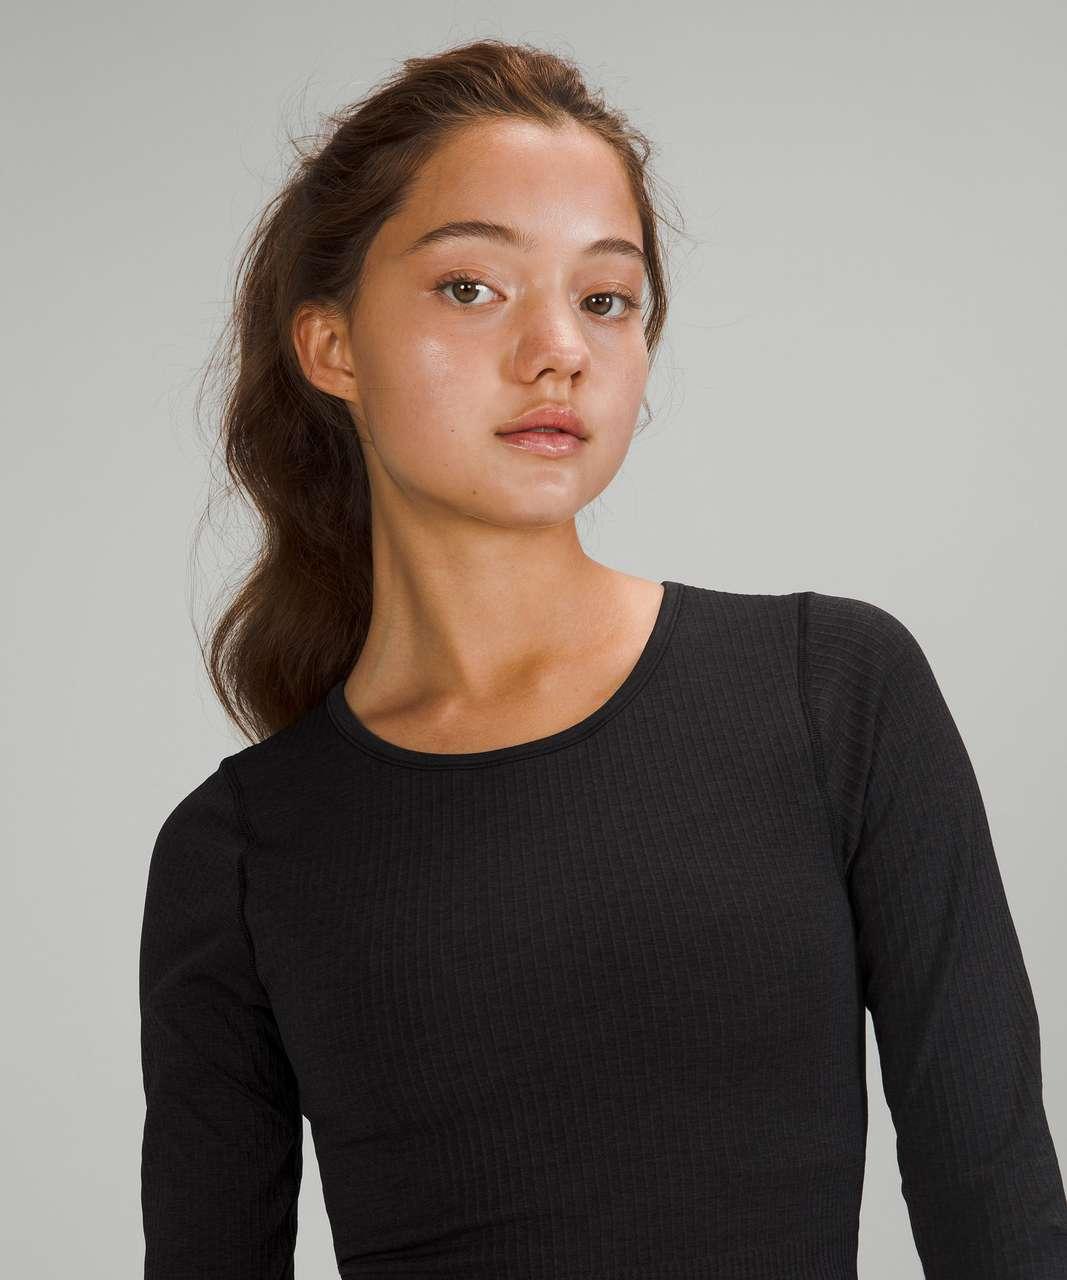 Lululemon Ebb to Street Long Sleeve - Black